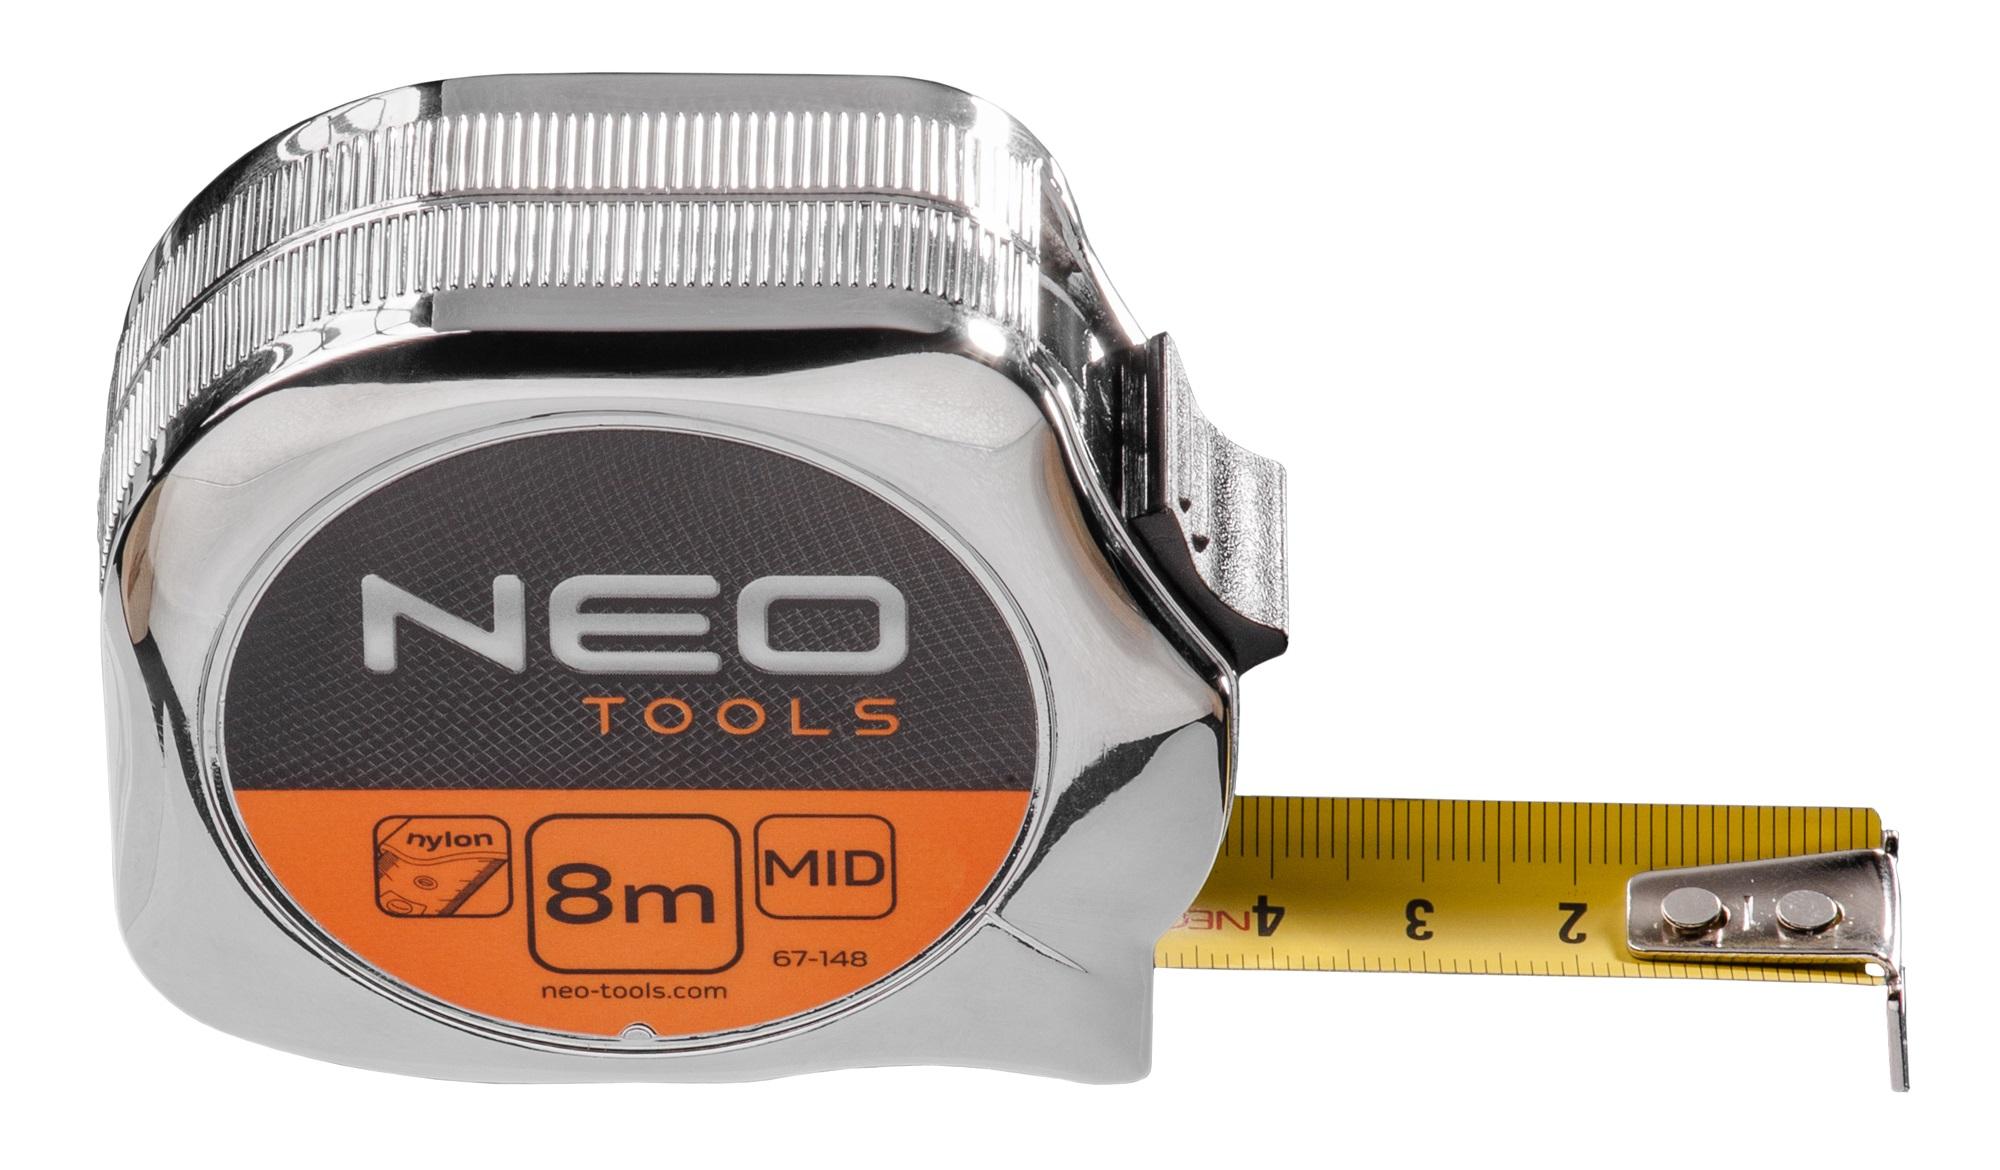 Neo Tools 67-148 Рулетка, сталева стрiчка8 м x 25 мм